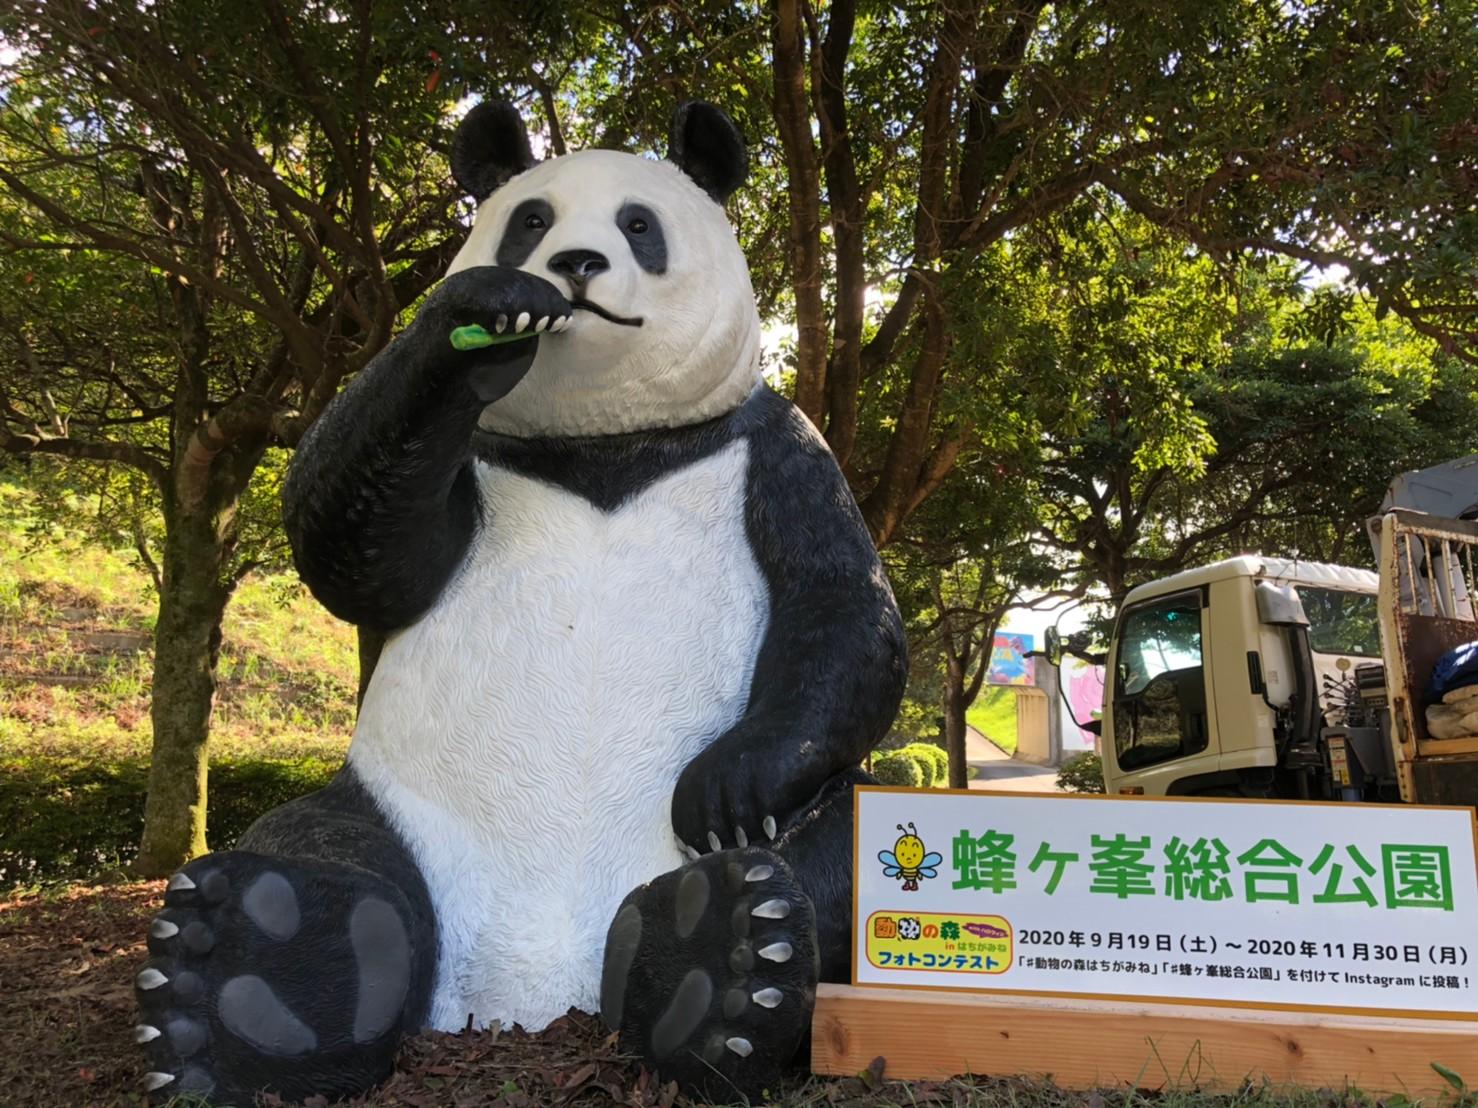 山口県 蜂ヶ峯総合公園 「どうぶつの森inはちがみね」 リアルアニマル施工